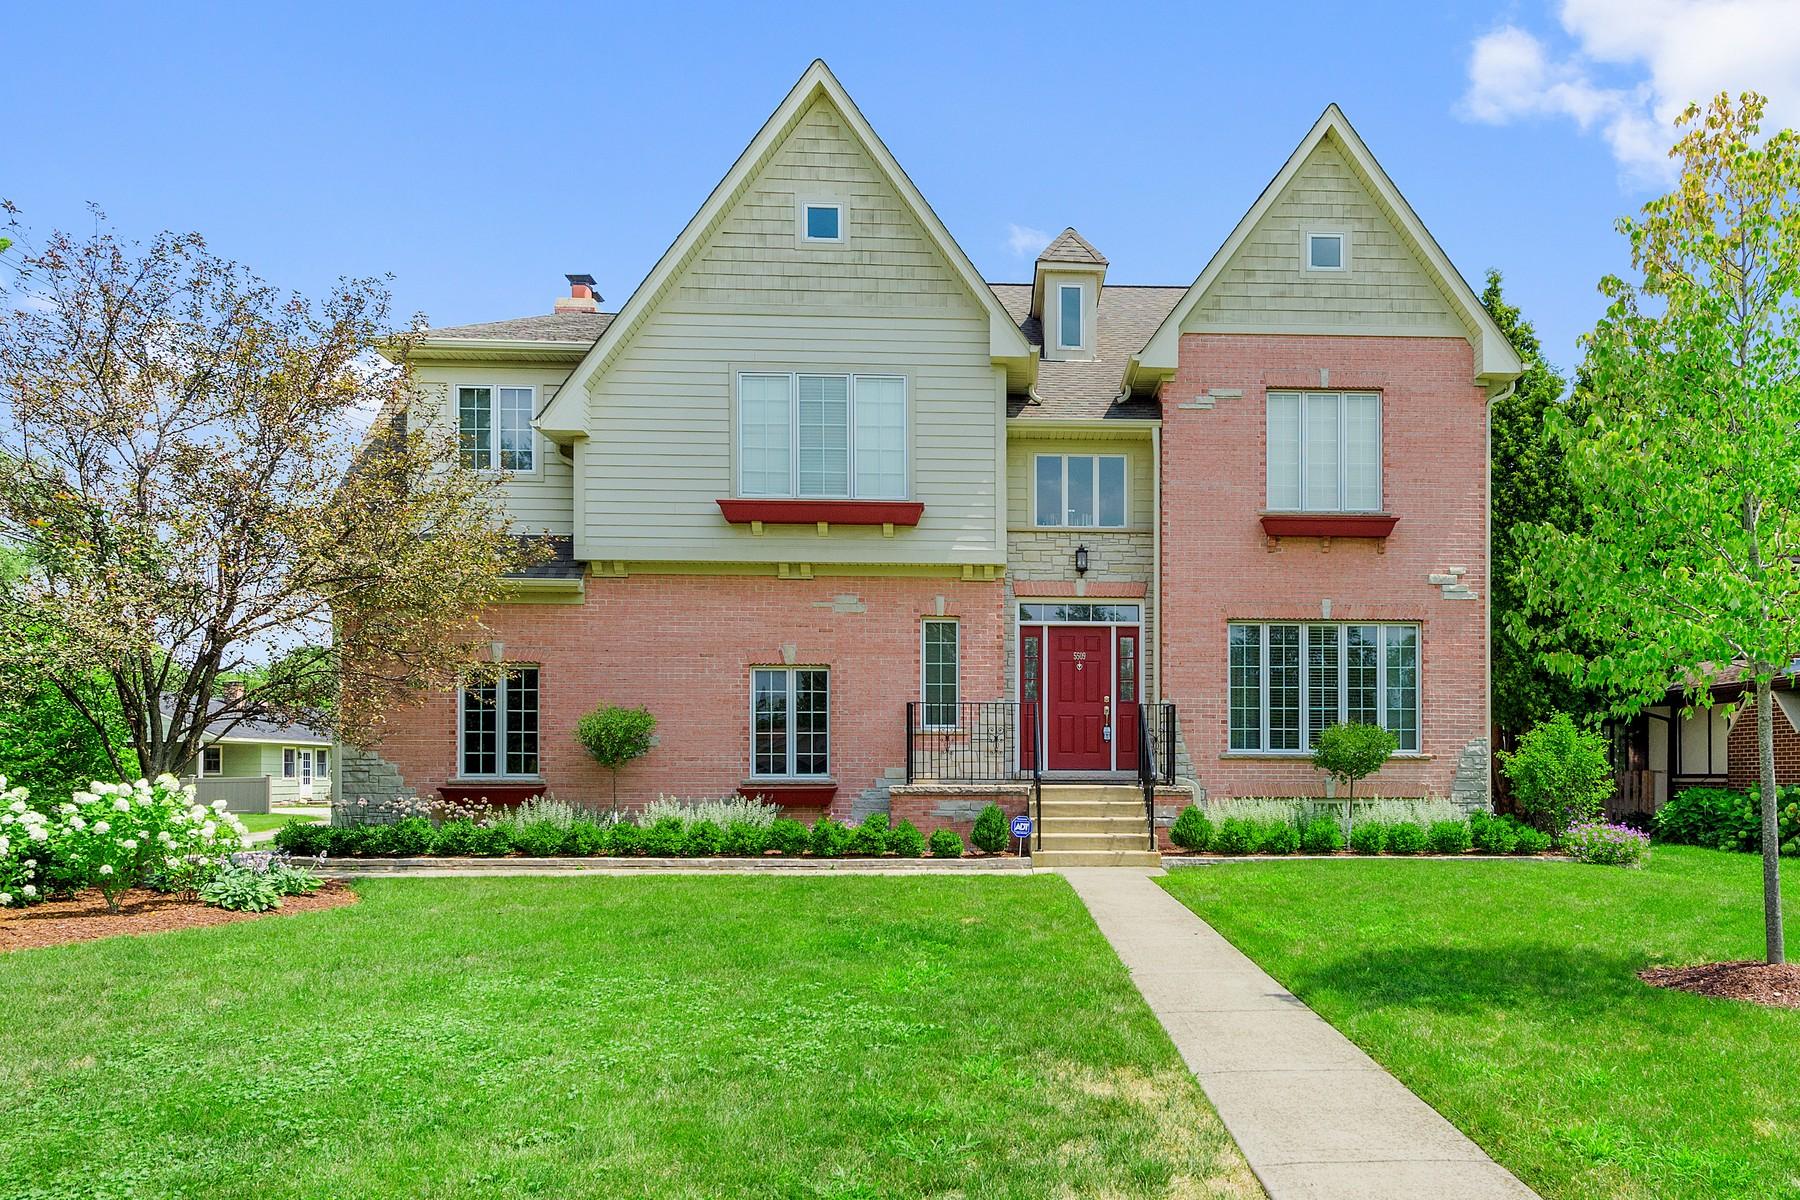 Maison unifamiliale pour l Vente à Quincy 5509 S. Quincy Hinsdale, Illinois, 60521 États-Unis